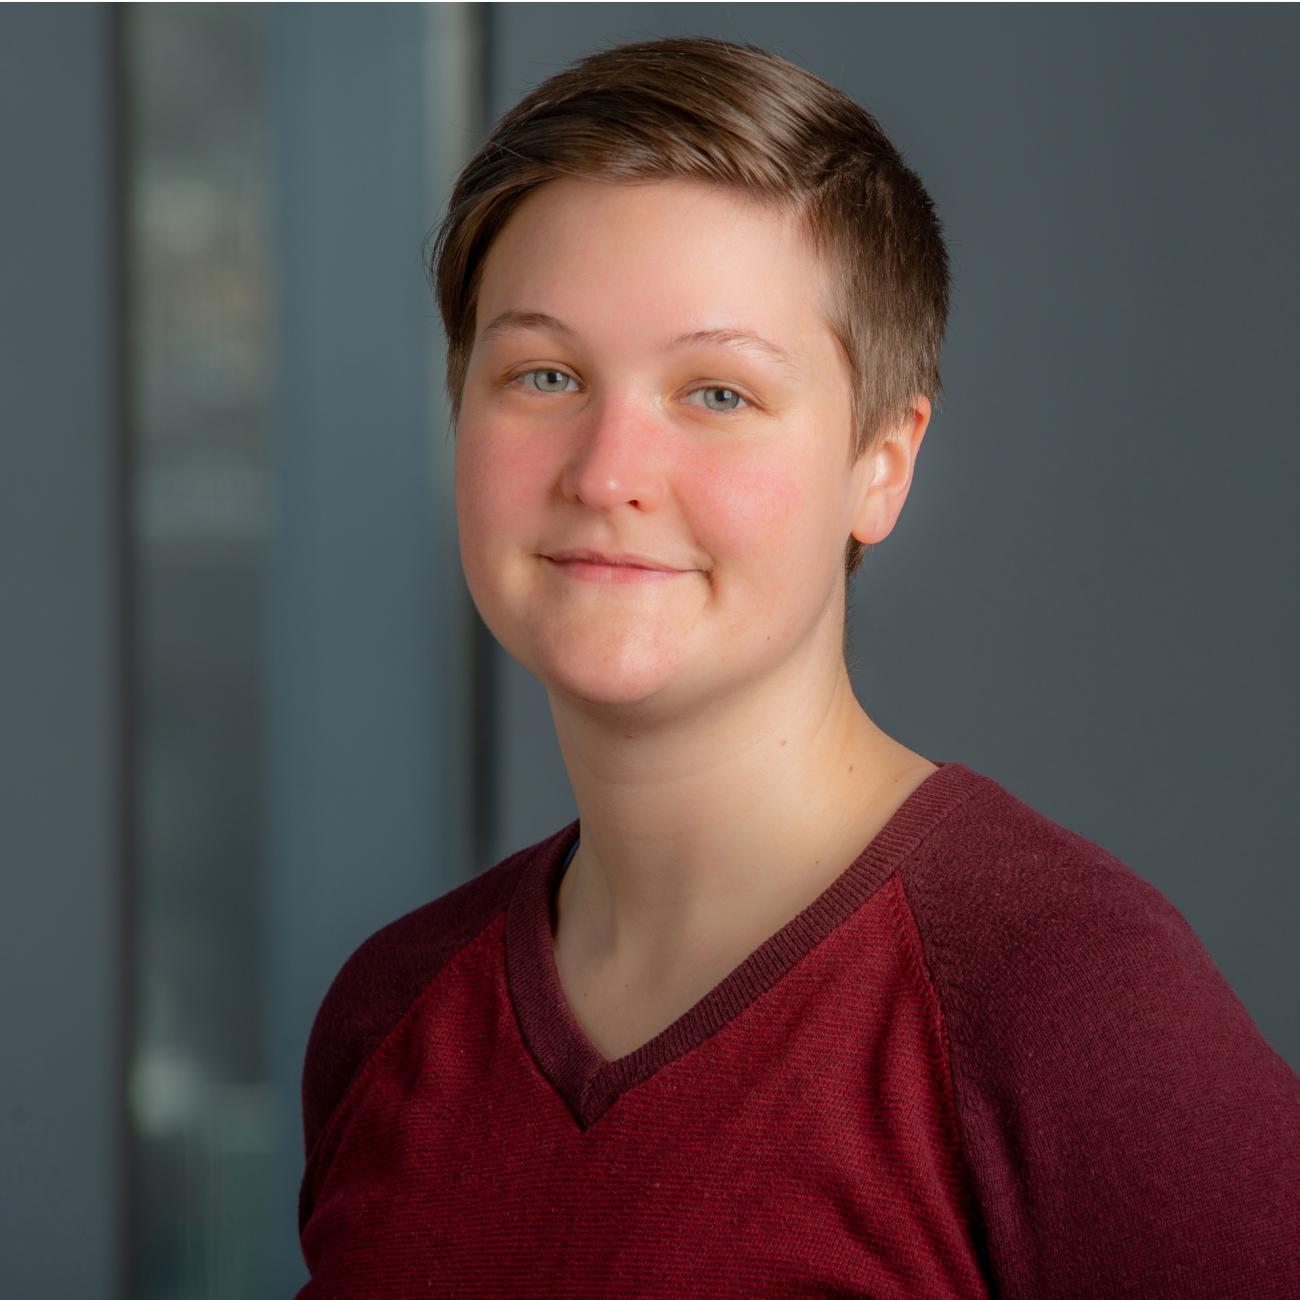 Kaileigh Ahlquist